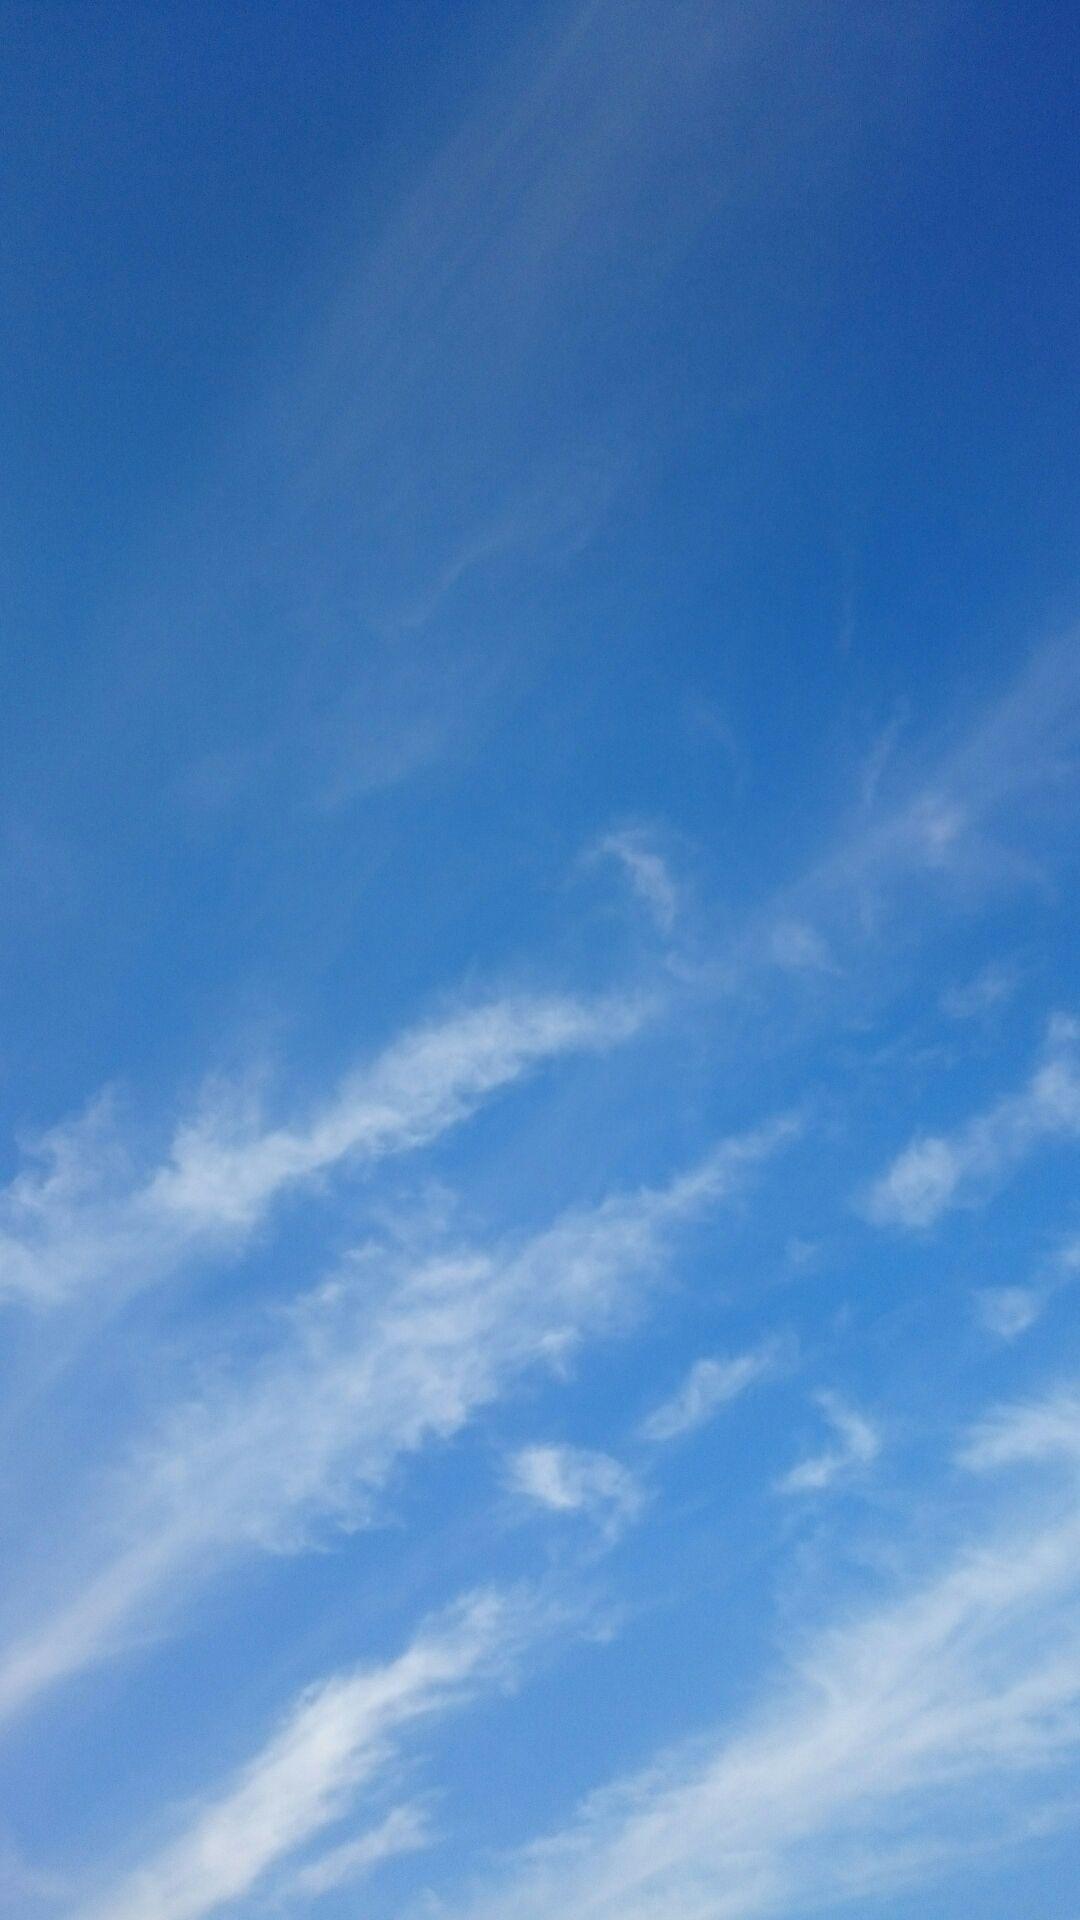 「おはようございます(* ̄∇ ̄*)」10/13(10/13) 07:12 | ちなみの写メ・風俗動画